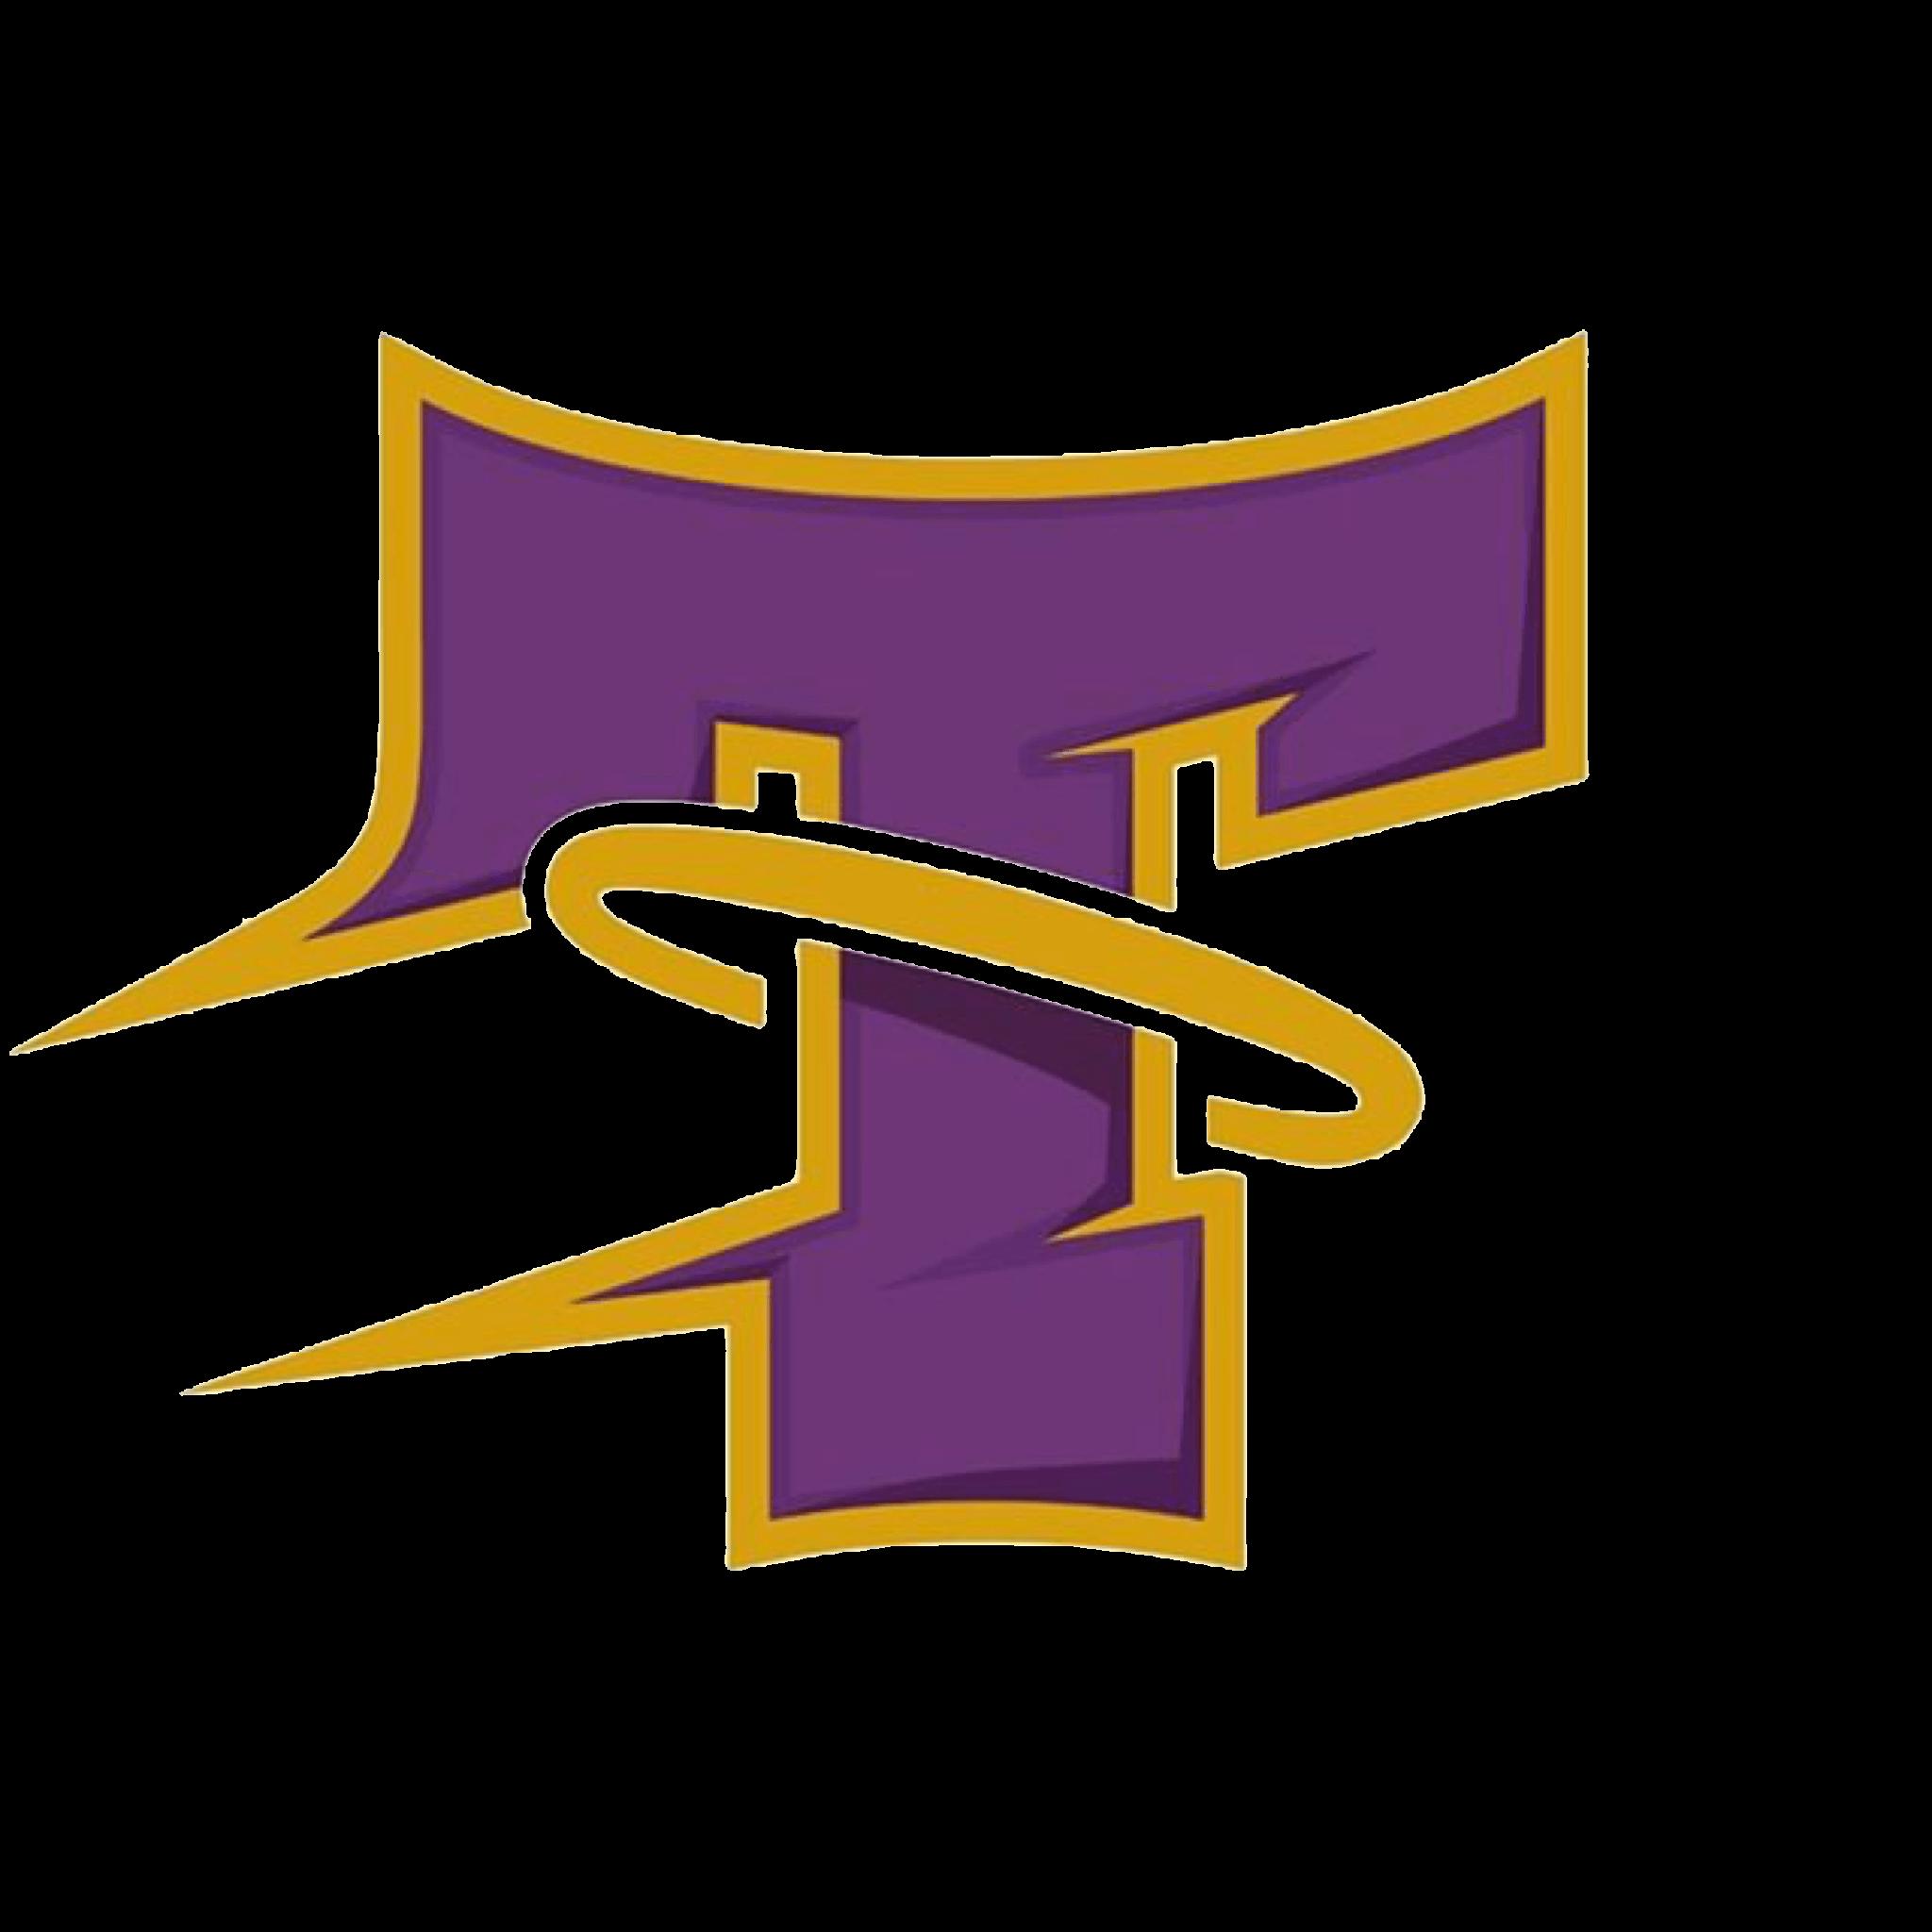 ToPoLa Ry urheiluseuran logo